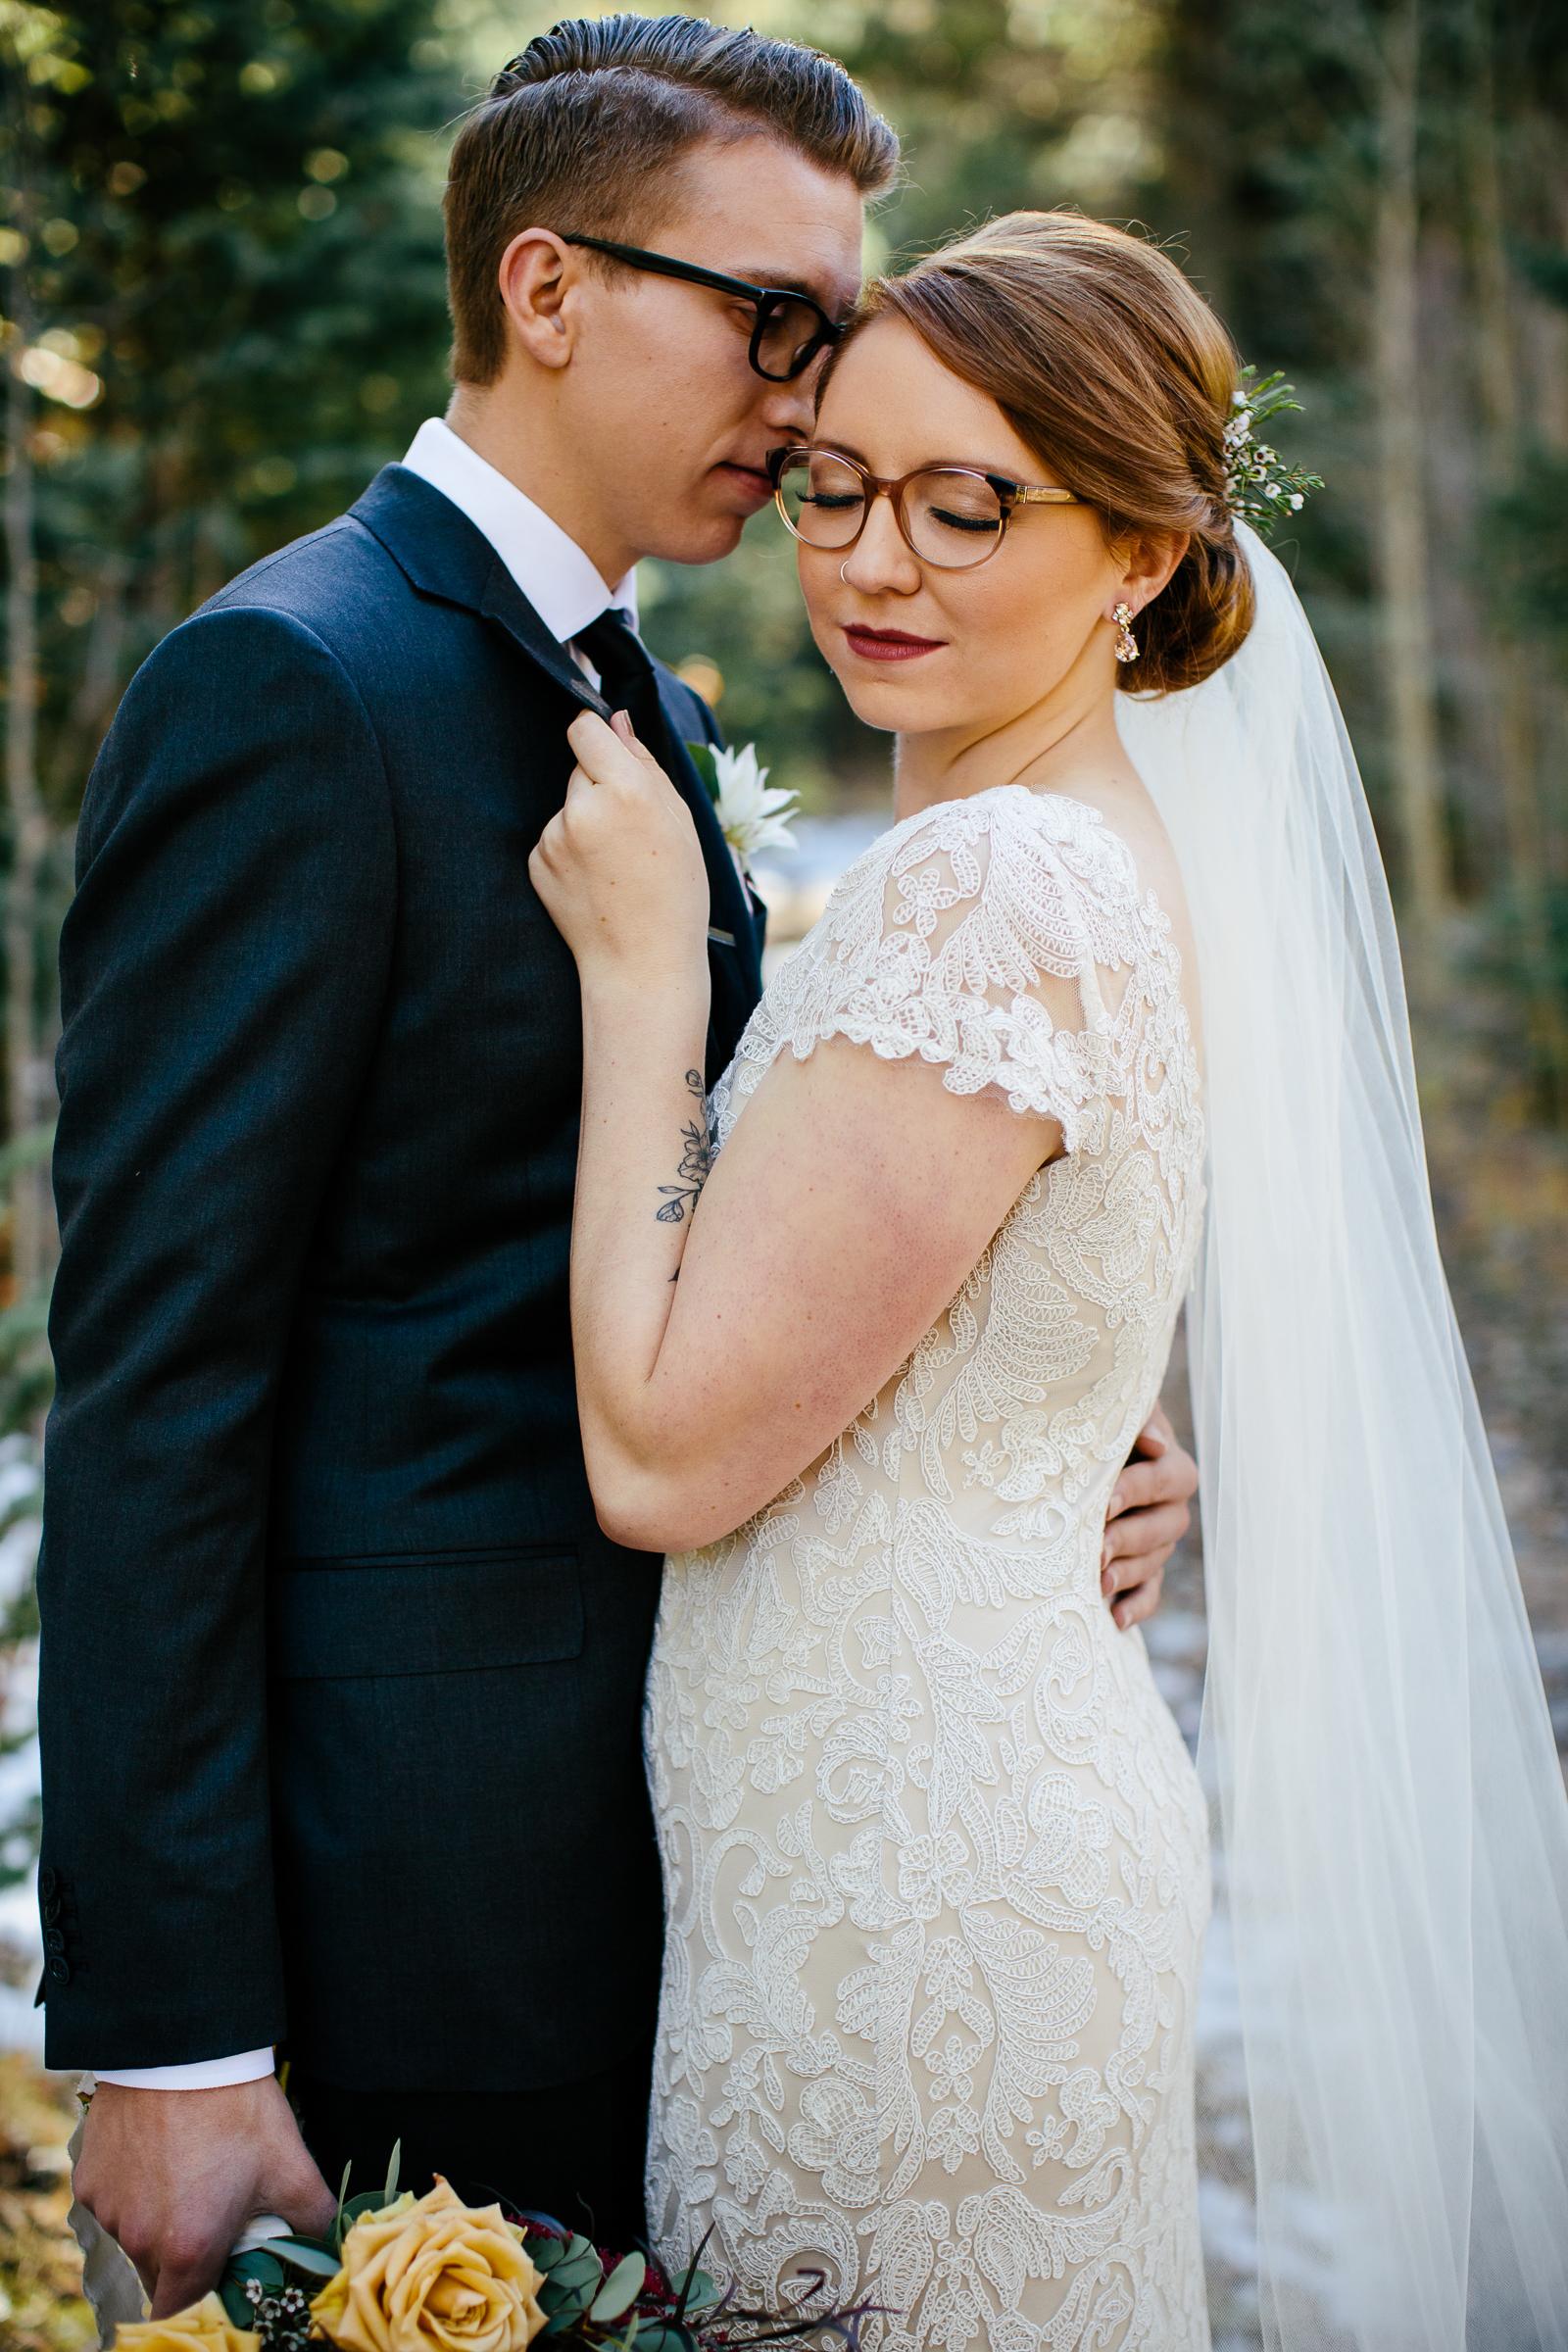 S+S, Married{MWP}-257.jpg